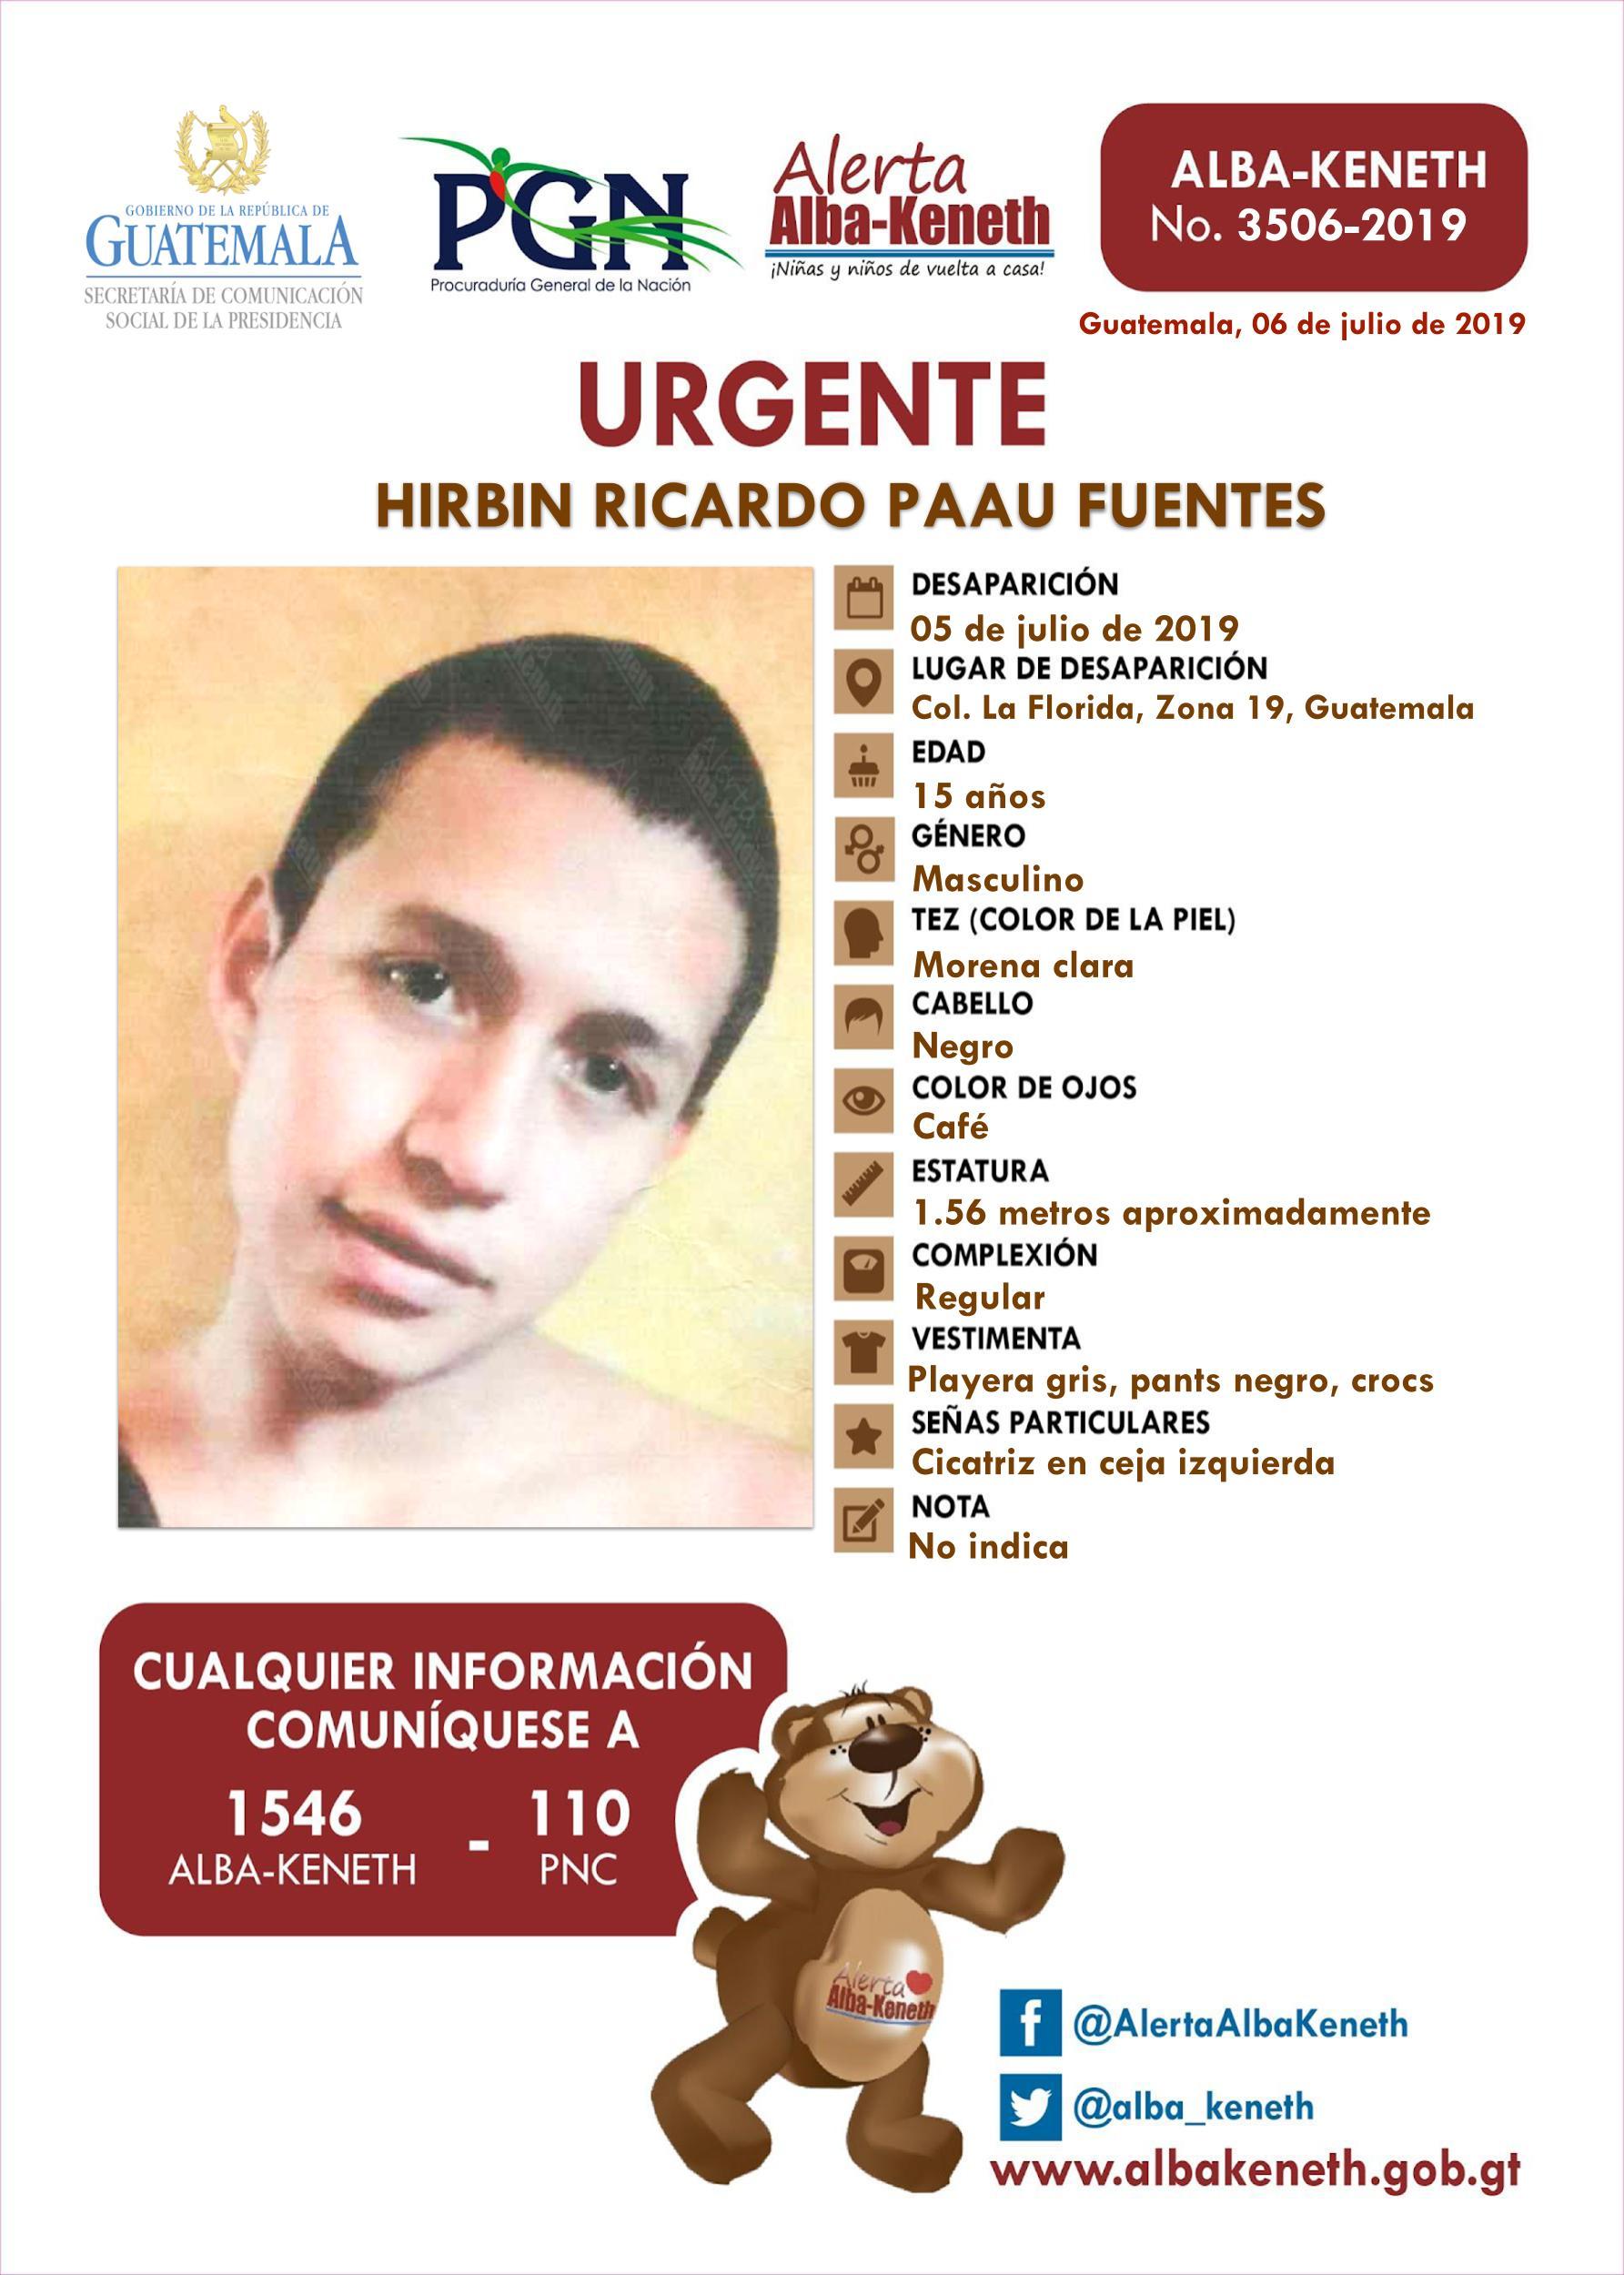 Hirbin Ricardo Paau Fuentes